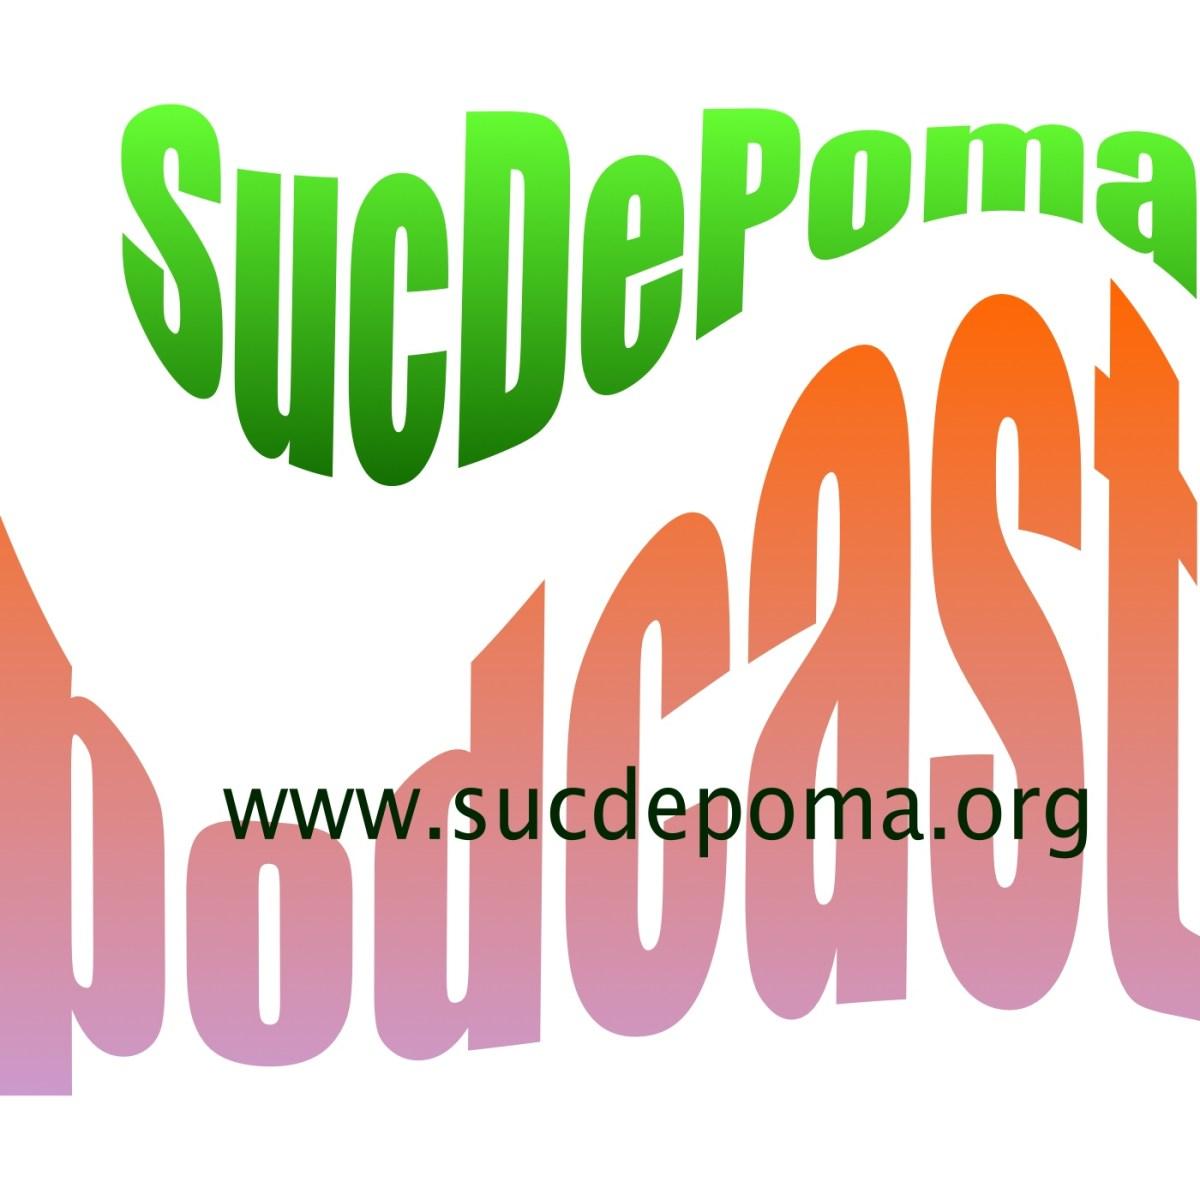 Logotipo de Suc de poma representado por una manzana mordida, atravesada diagonalmente por una pajita.